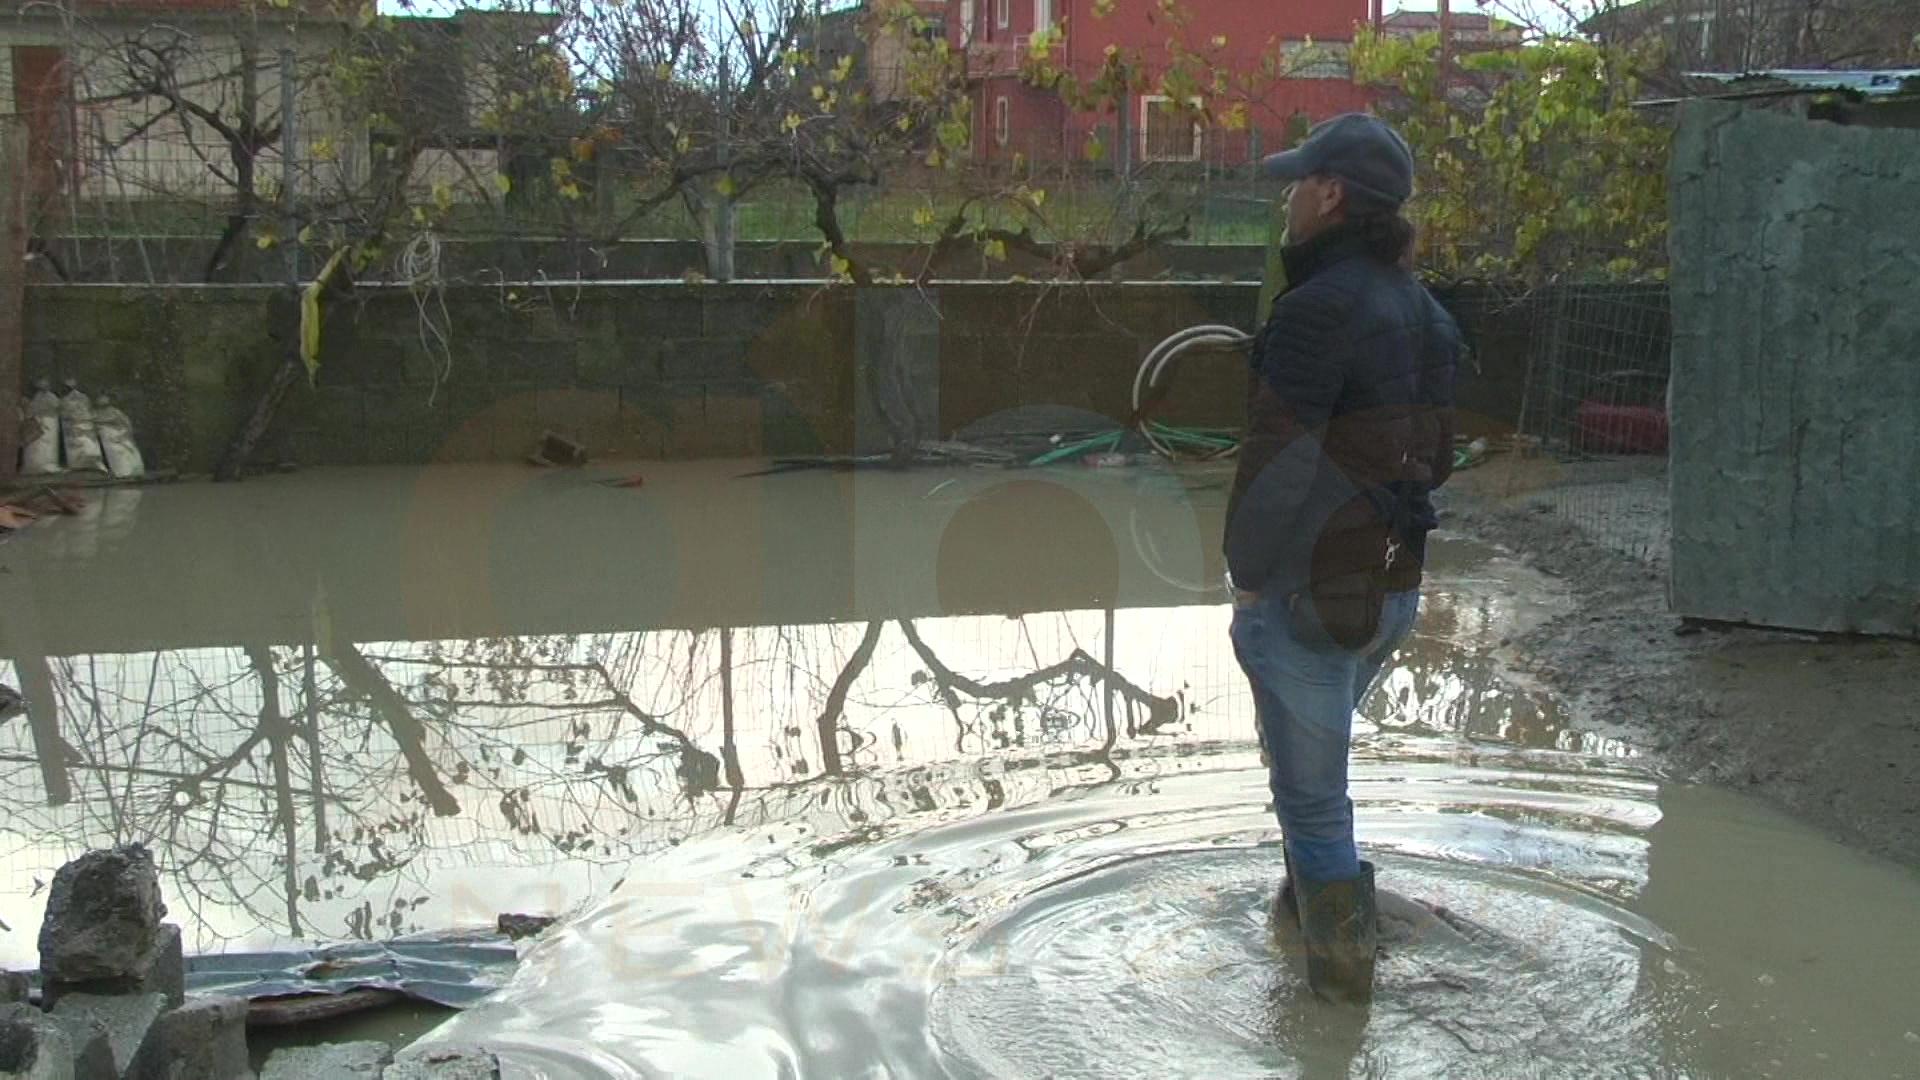 Në Ferras banorët pastrojnë baltën e përllogarisin humbjet